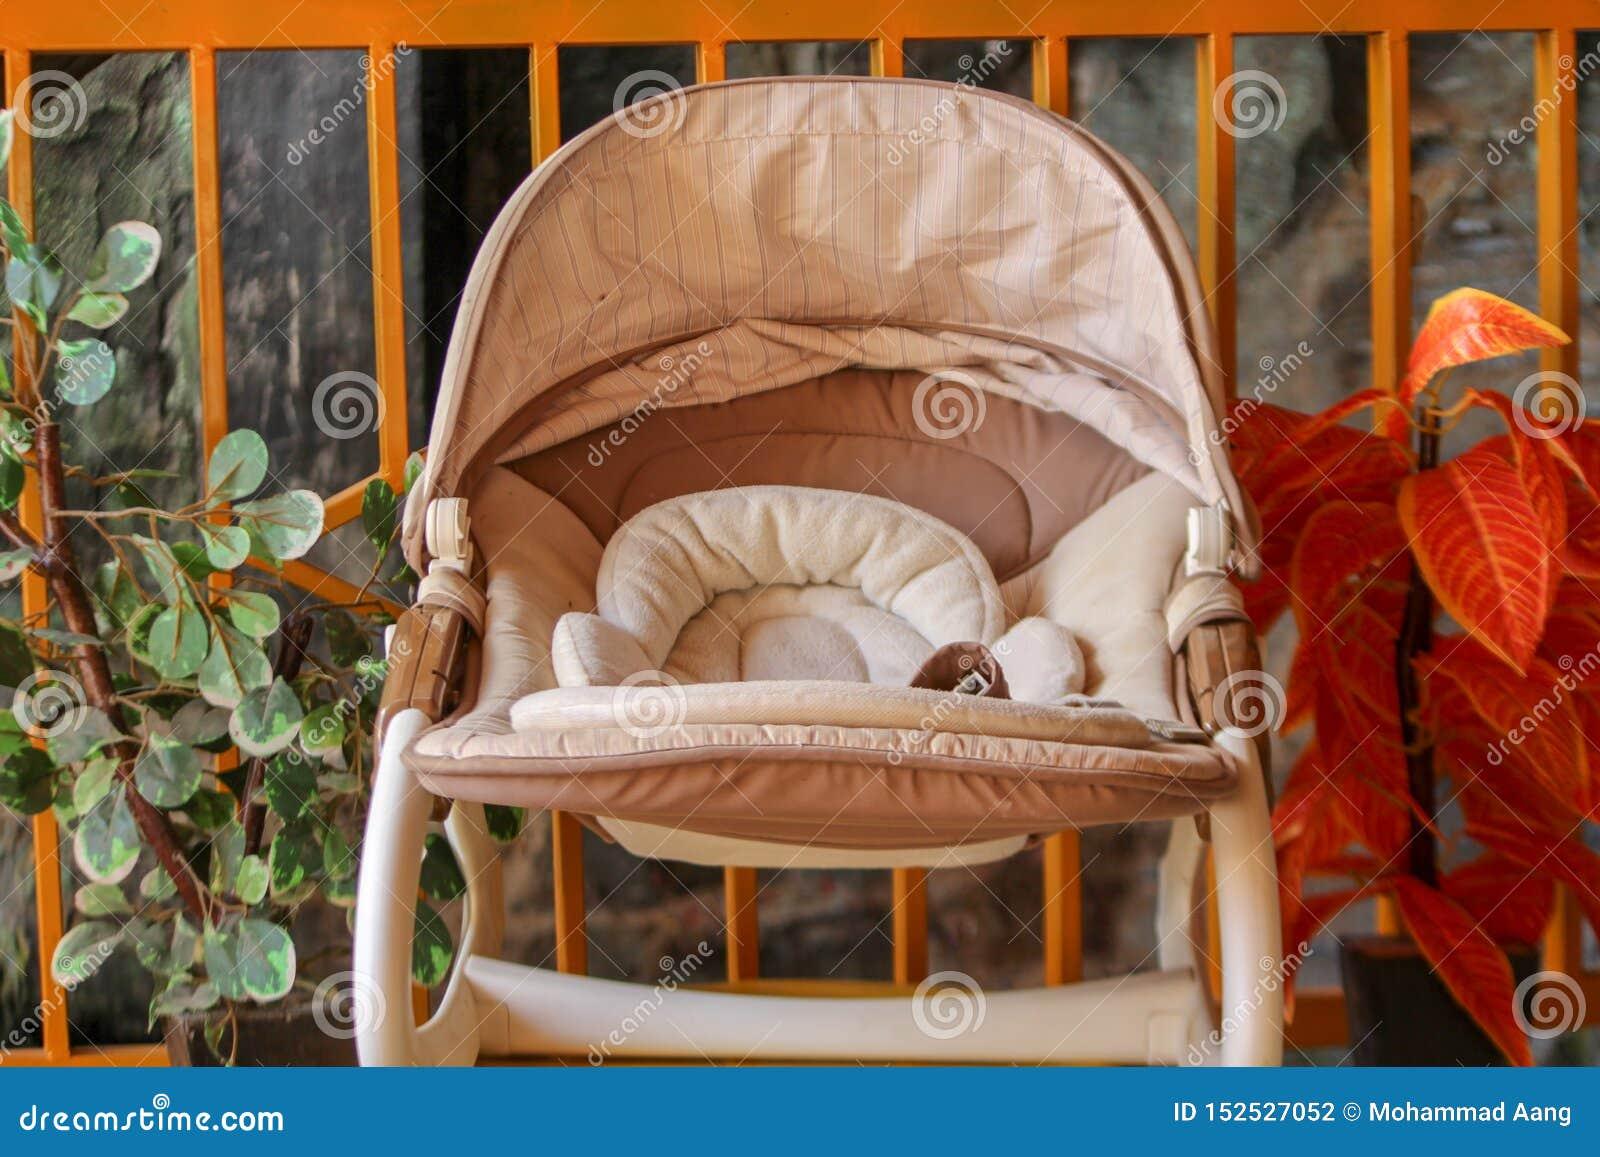 婴儿车有花背景在庭院里